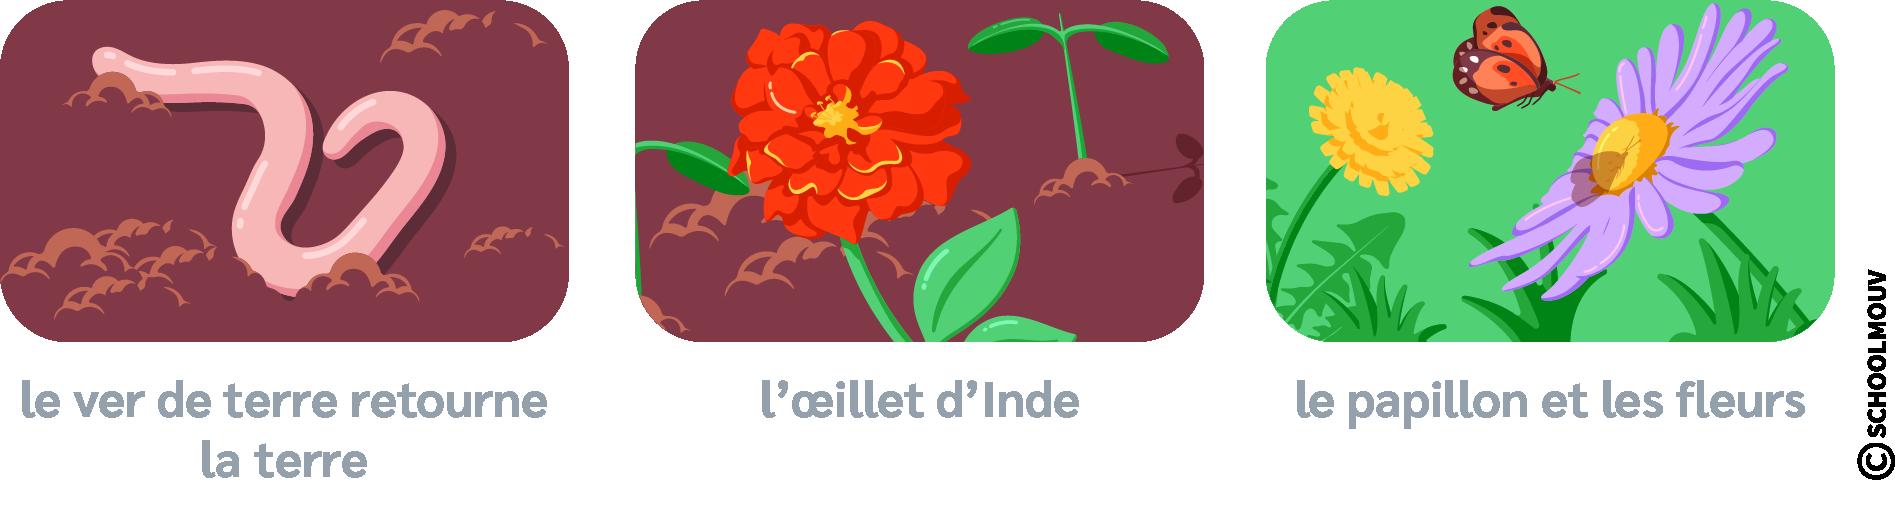 Ver de terre - Fleurs - Papillon - Jardin - SchoolMouv - Sciences - CP